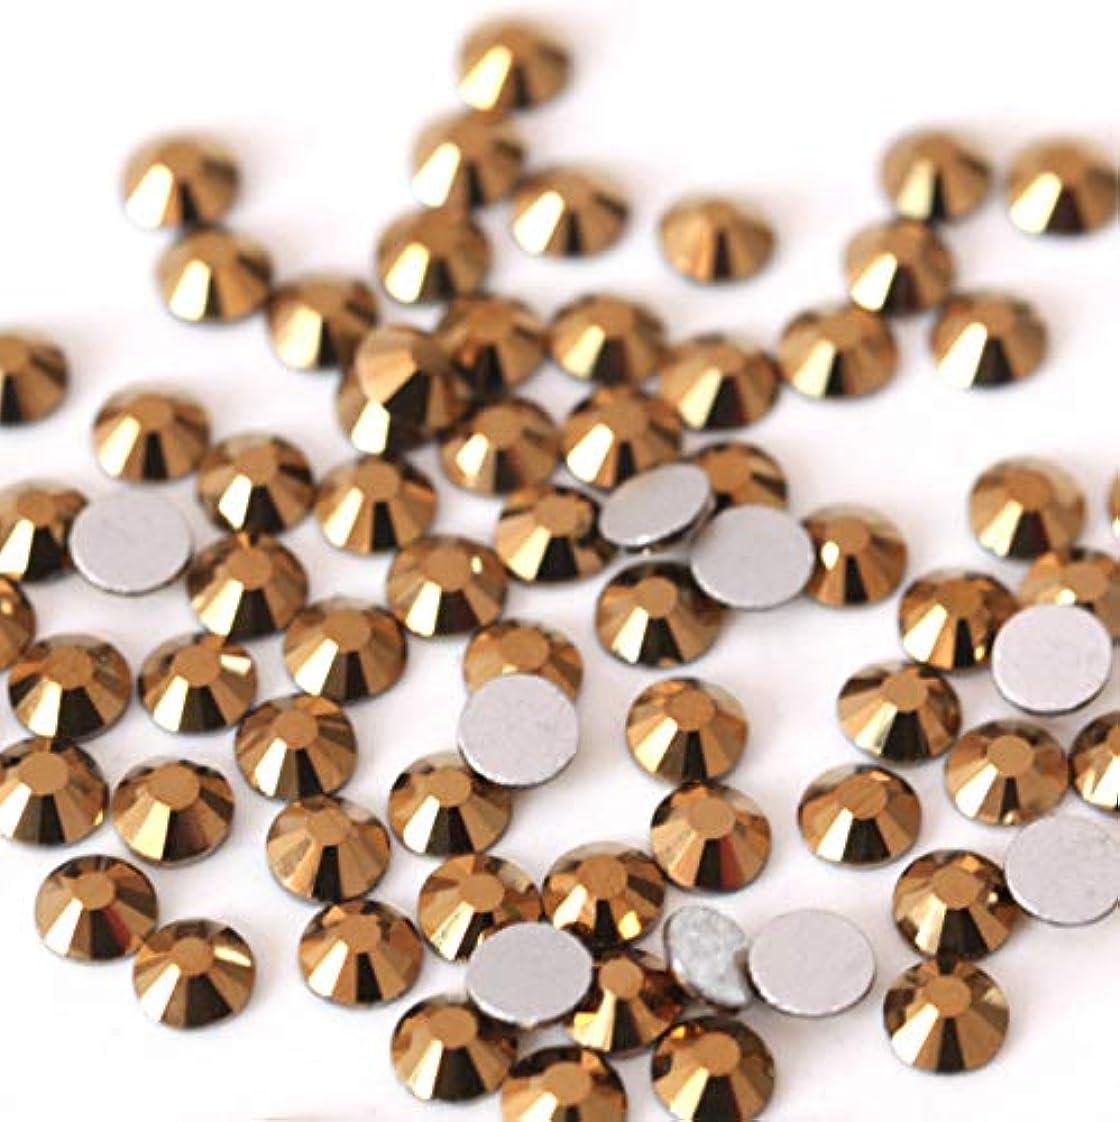 割る教育するパラメータ【ラインストーン77】 ガラス製ラインストーン ゴールドマイン(SS12:約3.0mm/約200粒)